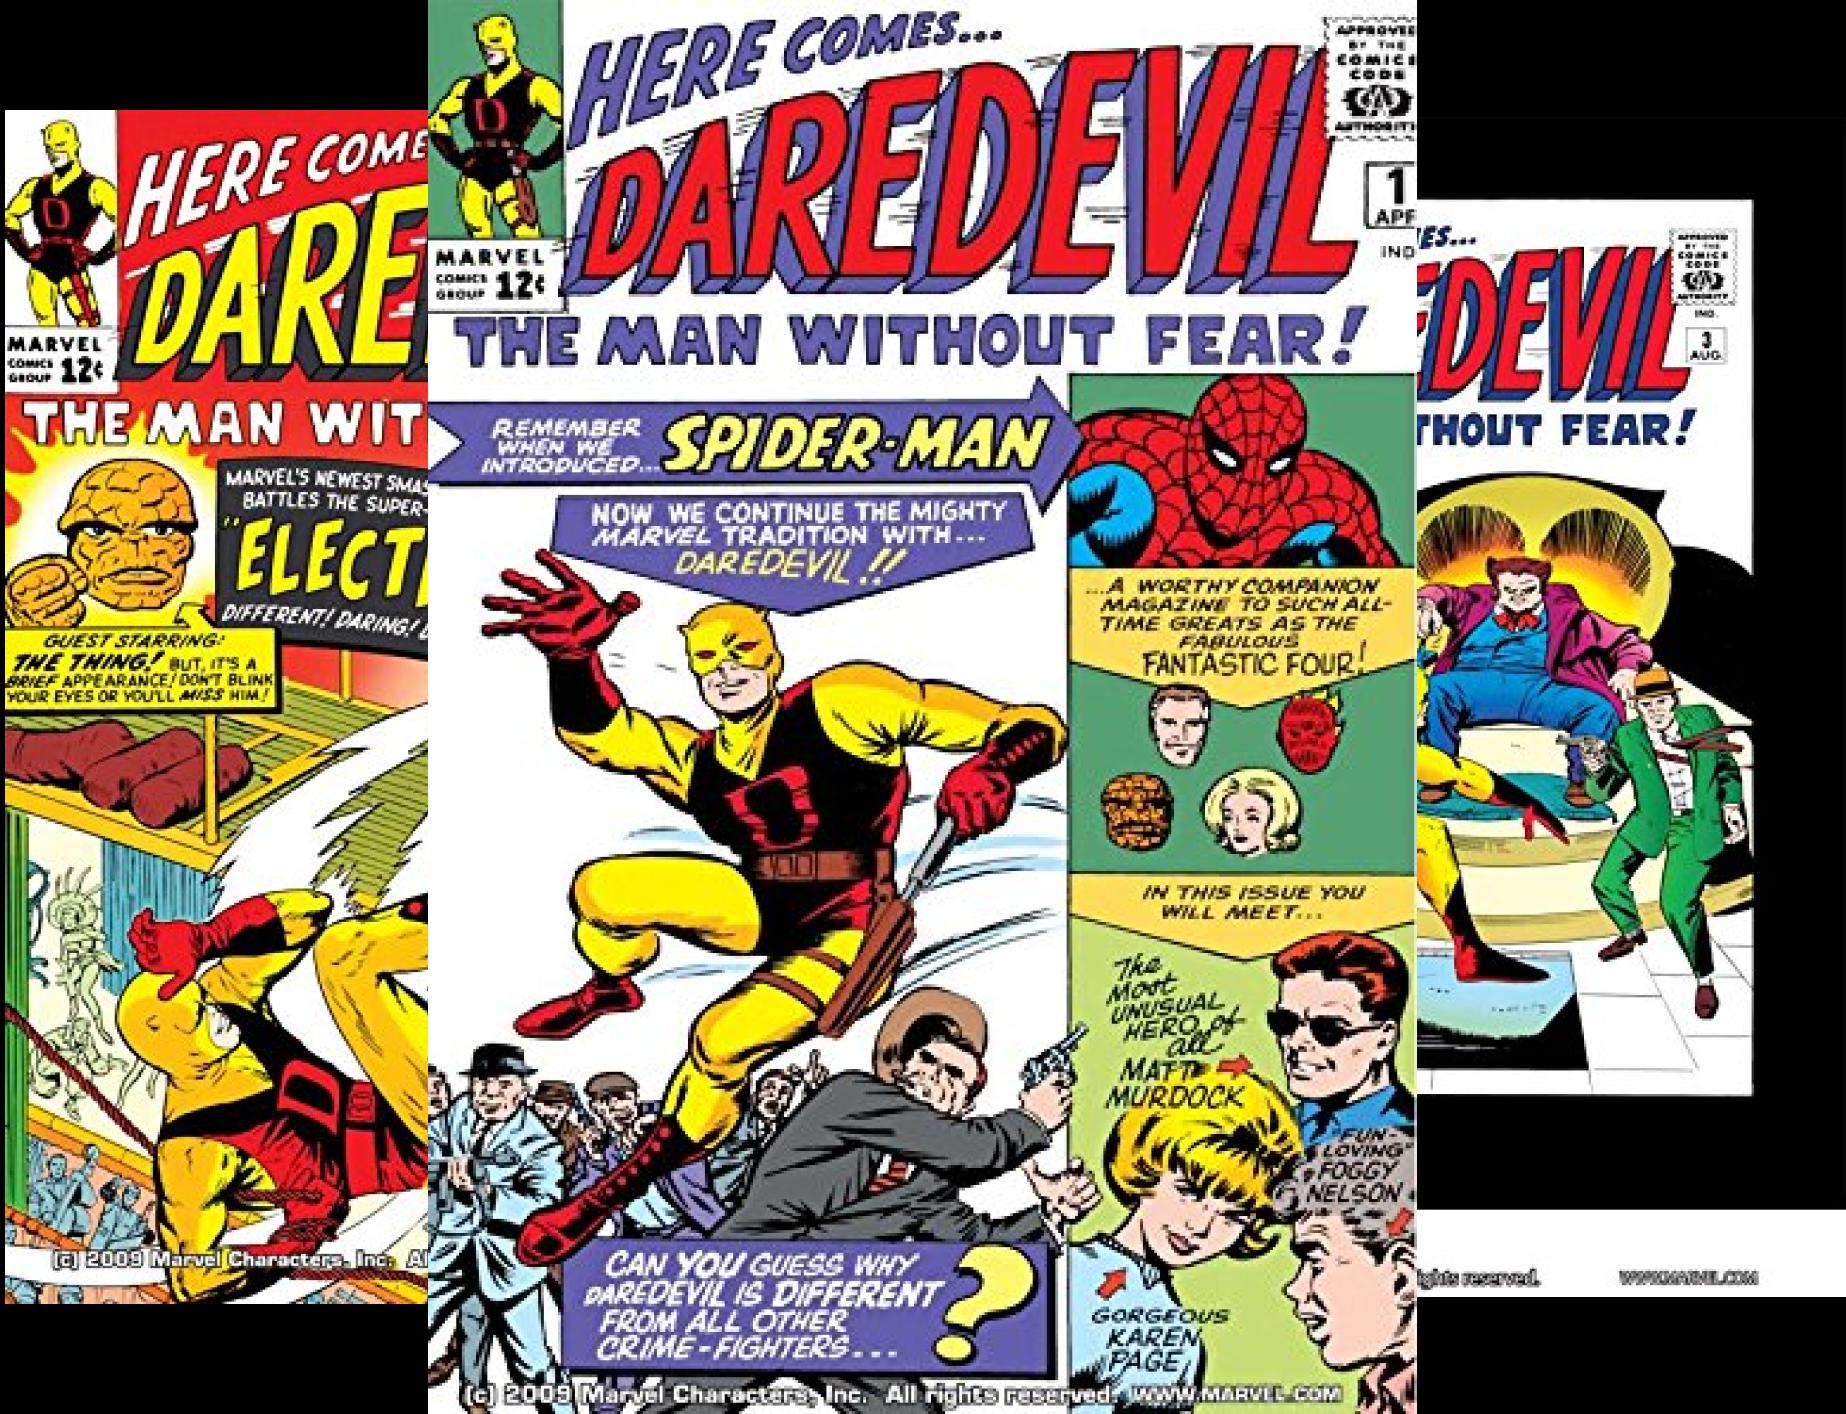 Marvel Masterworks: Daredevil Volume 1 #1-11 (11 Book Series)